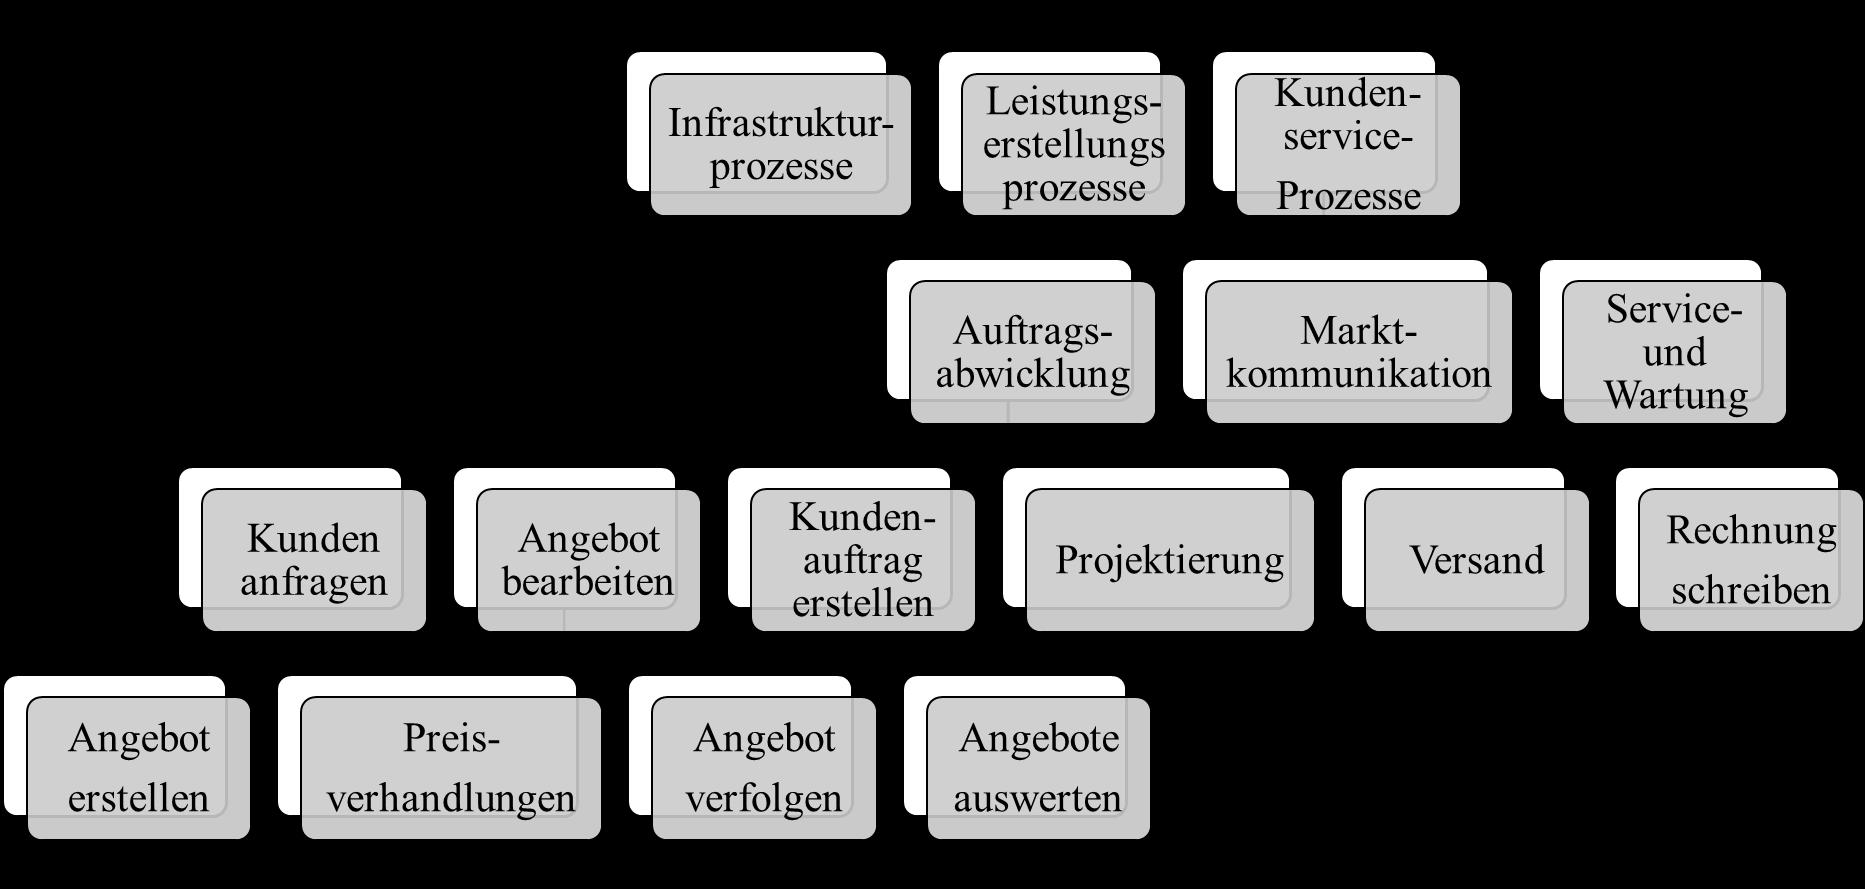 Prozessgliederung